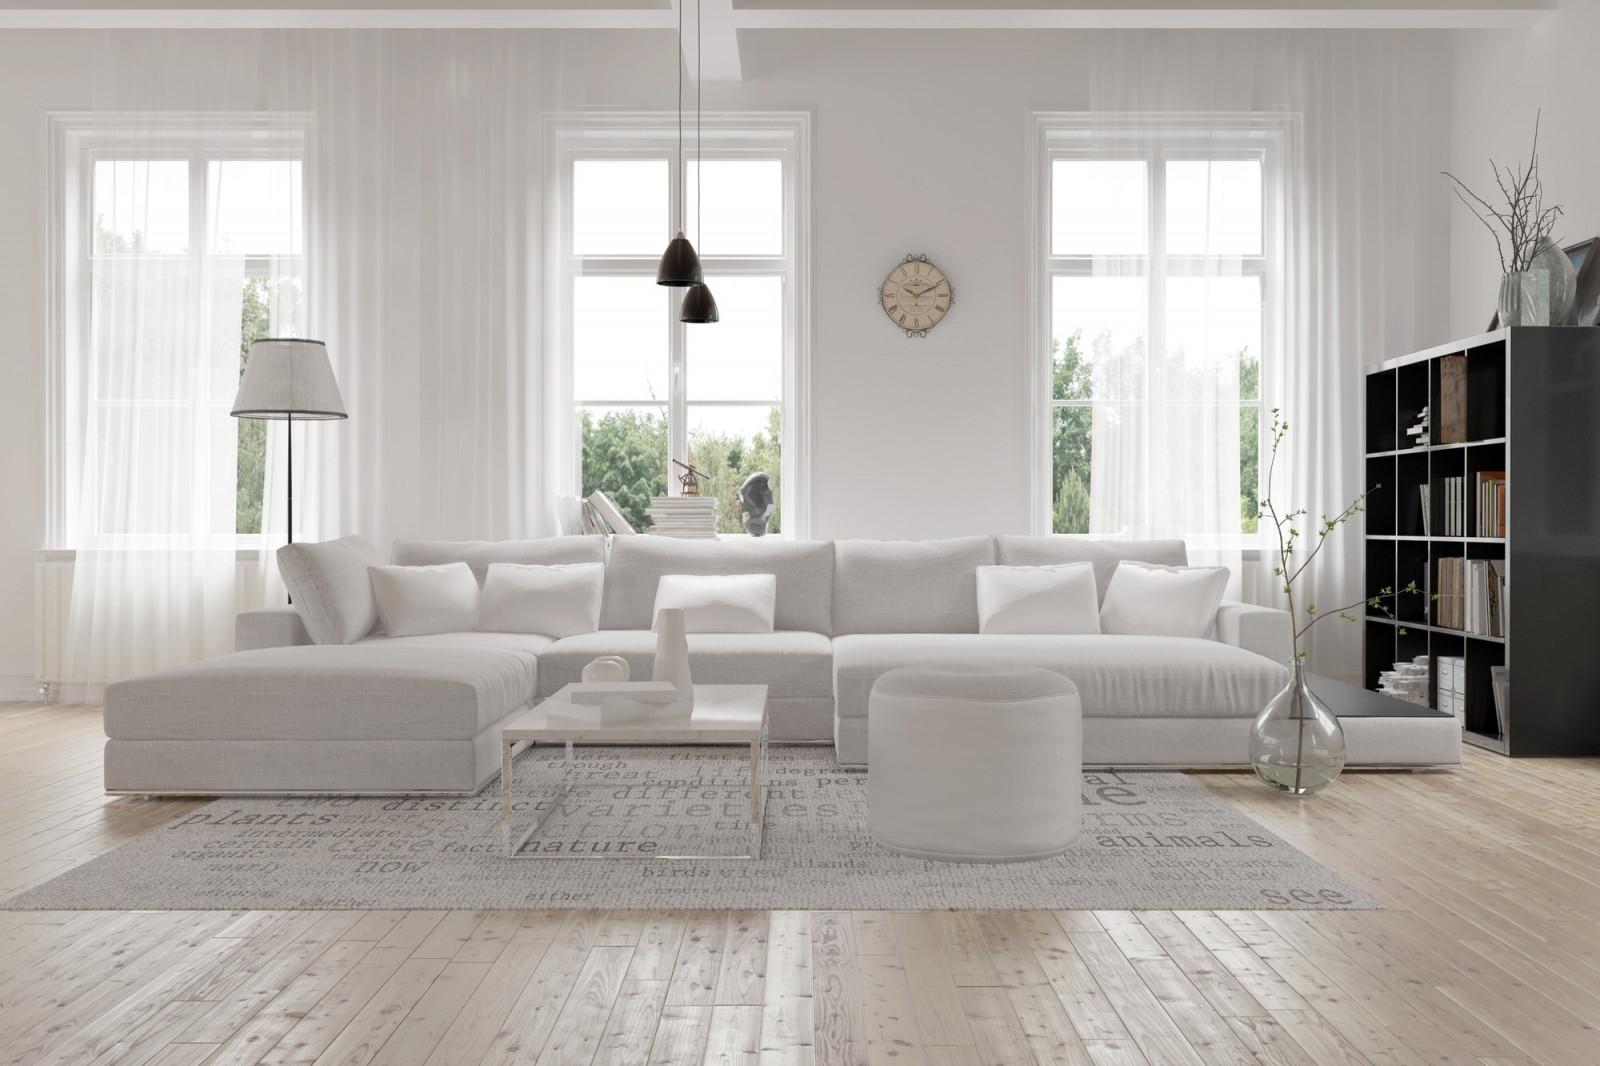 Große Räume Einrichten Und Gestalten – So Geht's  Heimhelden von Großes Wohnzimmer Ideen Photo